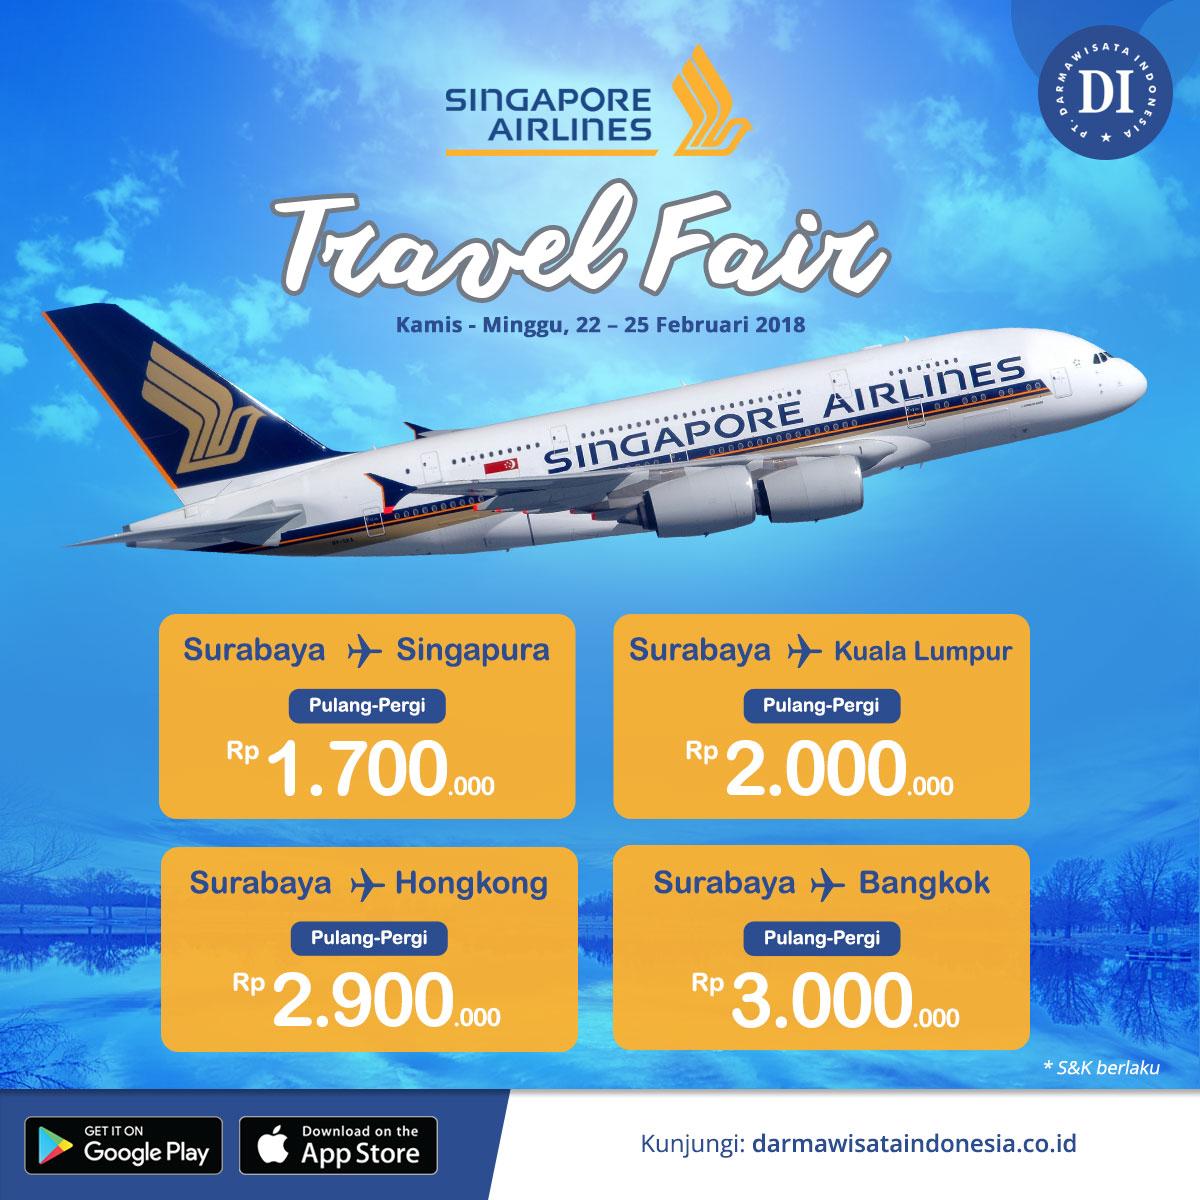 Singapore Airlines Travel Fair 2018